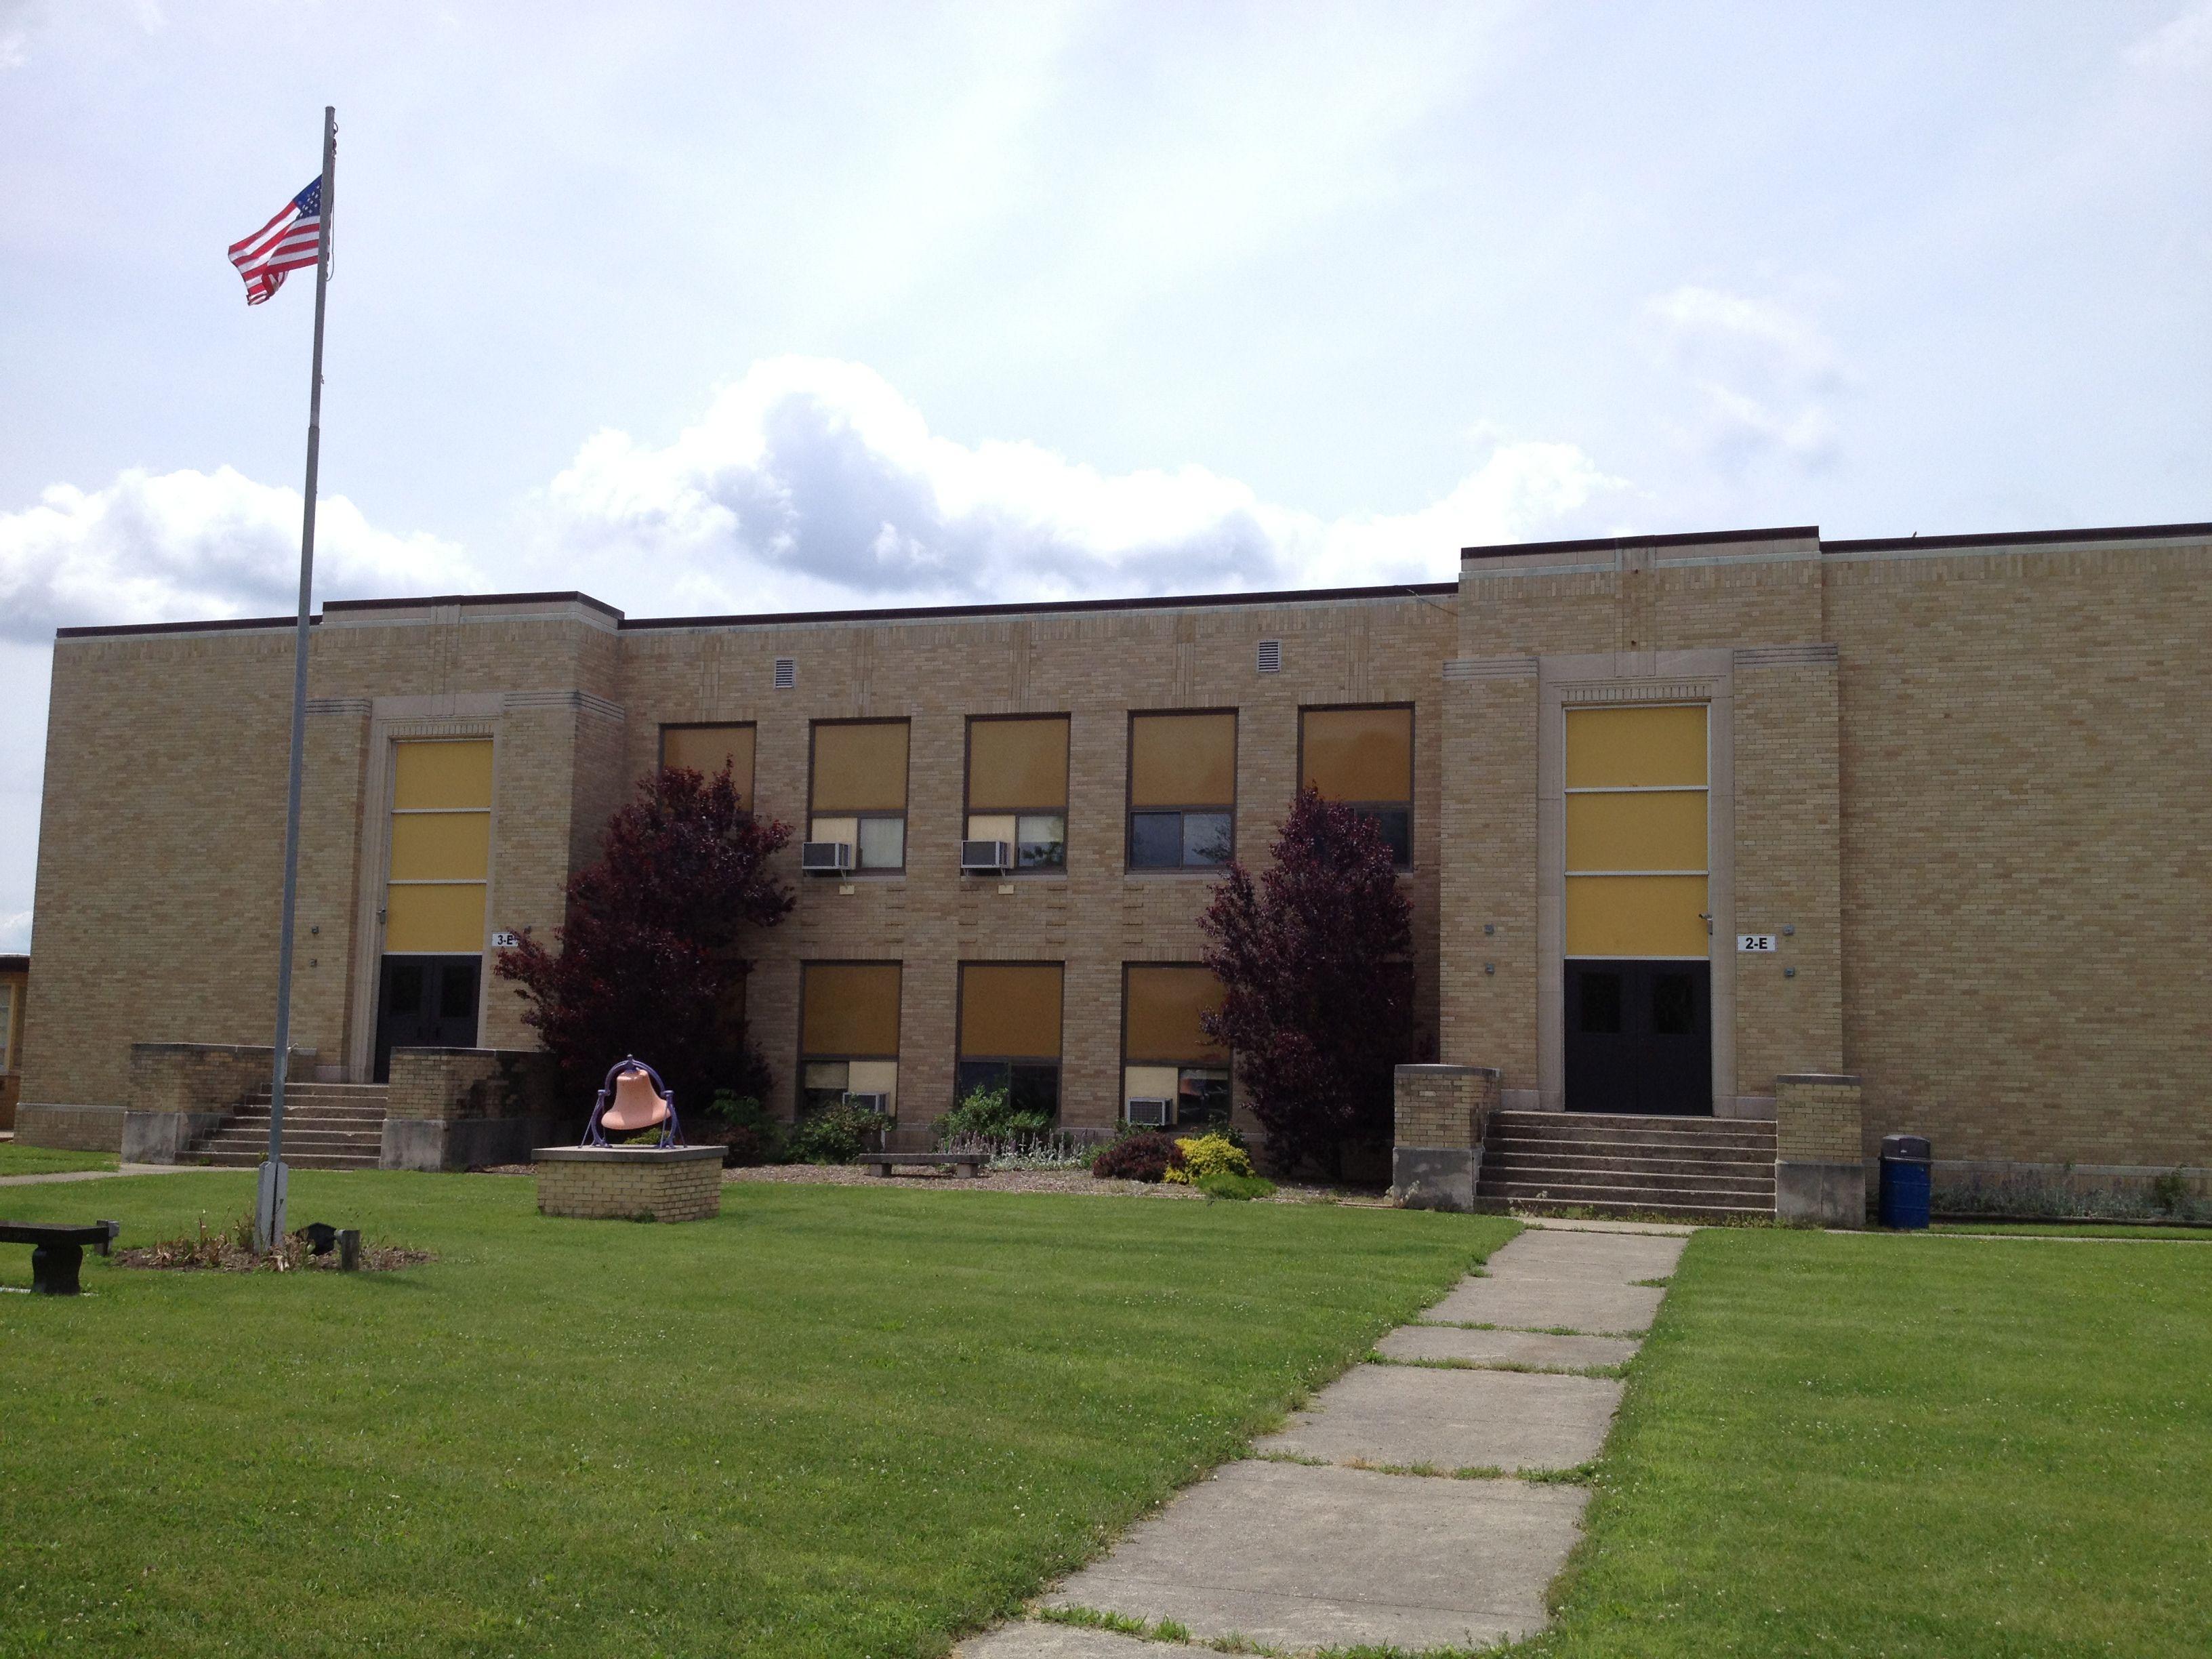 Illinois edgar county kansas - Kansas High School Kansas Illinois